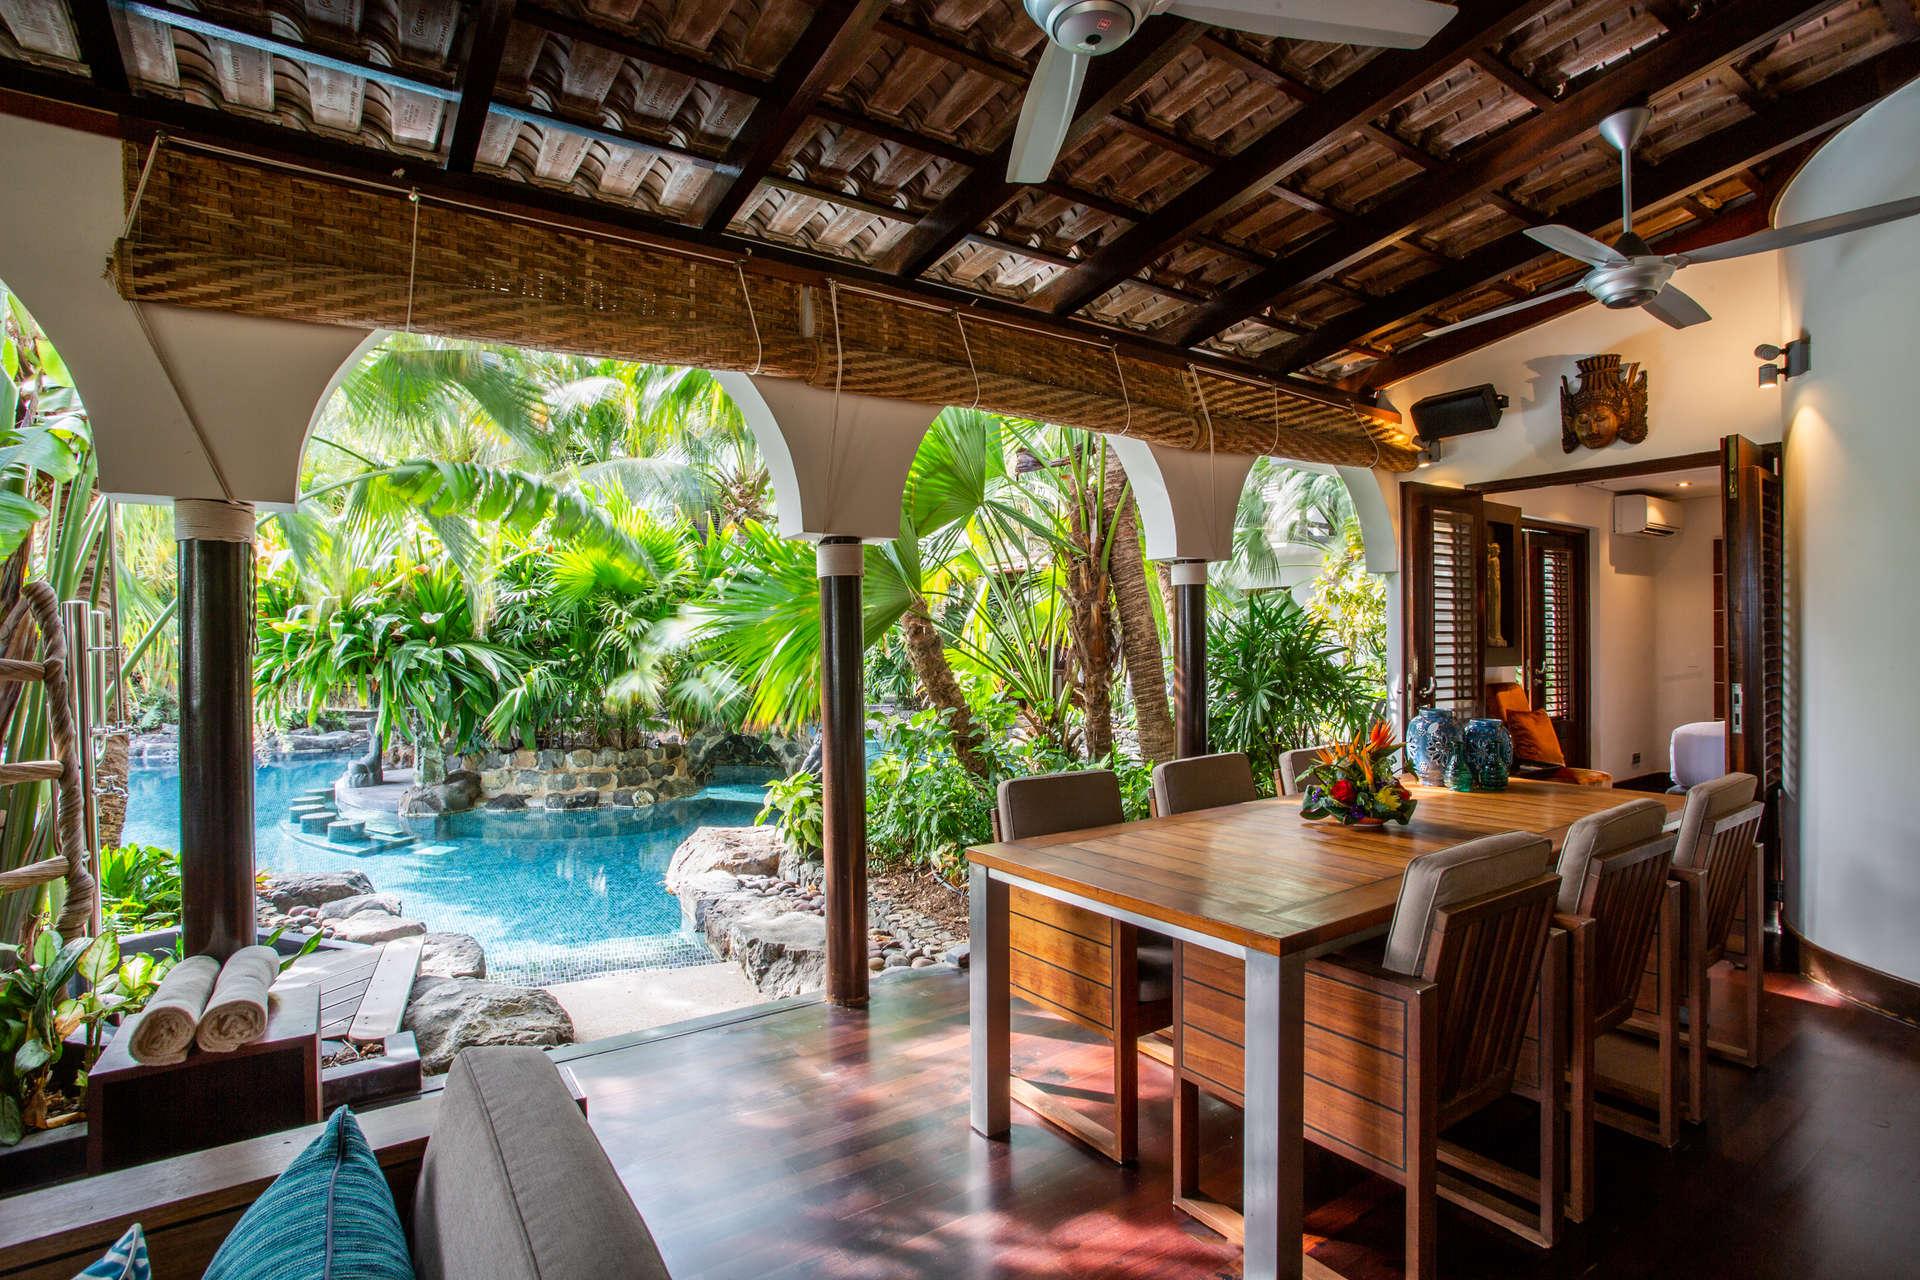 Luxury villa rentals caribbean - Curacao - Baoase luxury resort - No location 4 - Tropical Pool Villas - Image 1/15